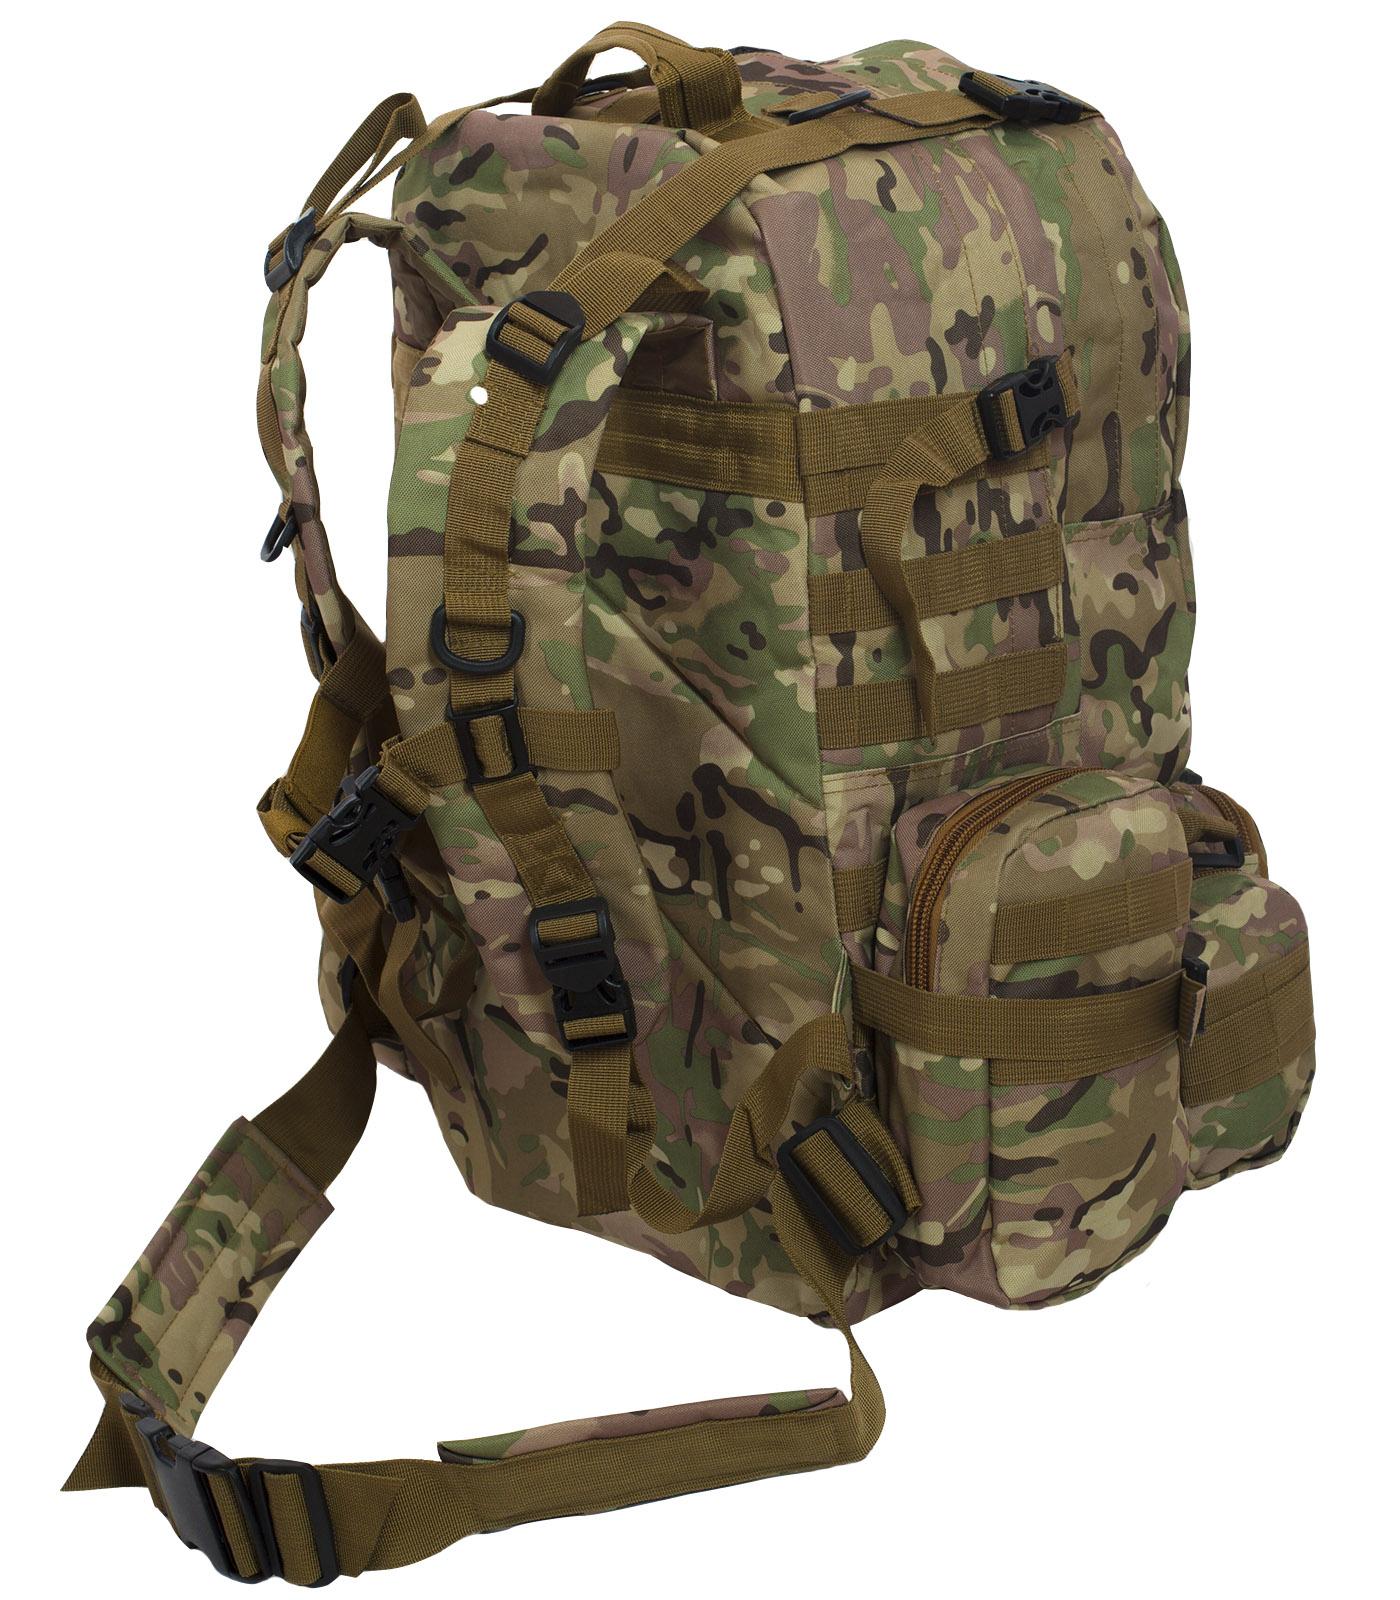 Практичный военный рюкзак ВКС от ТМ US Assault - заказать в розницу